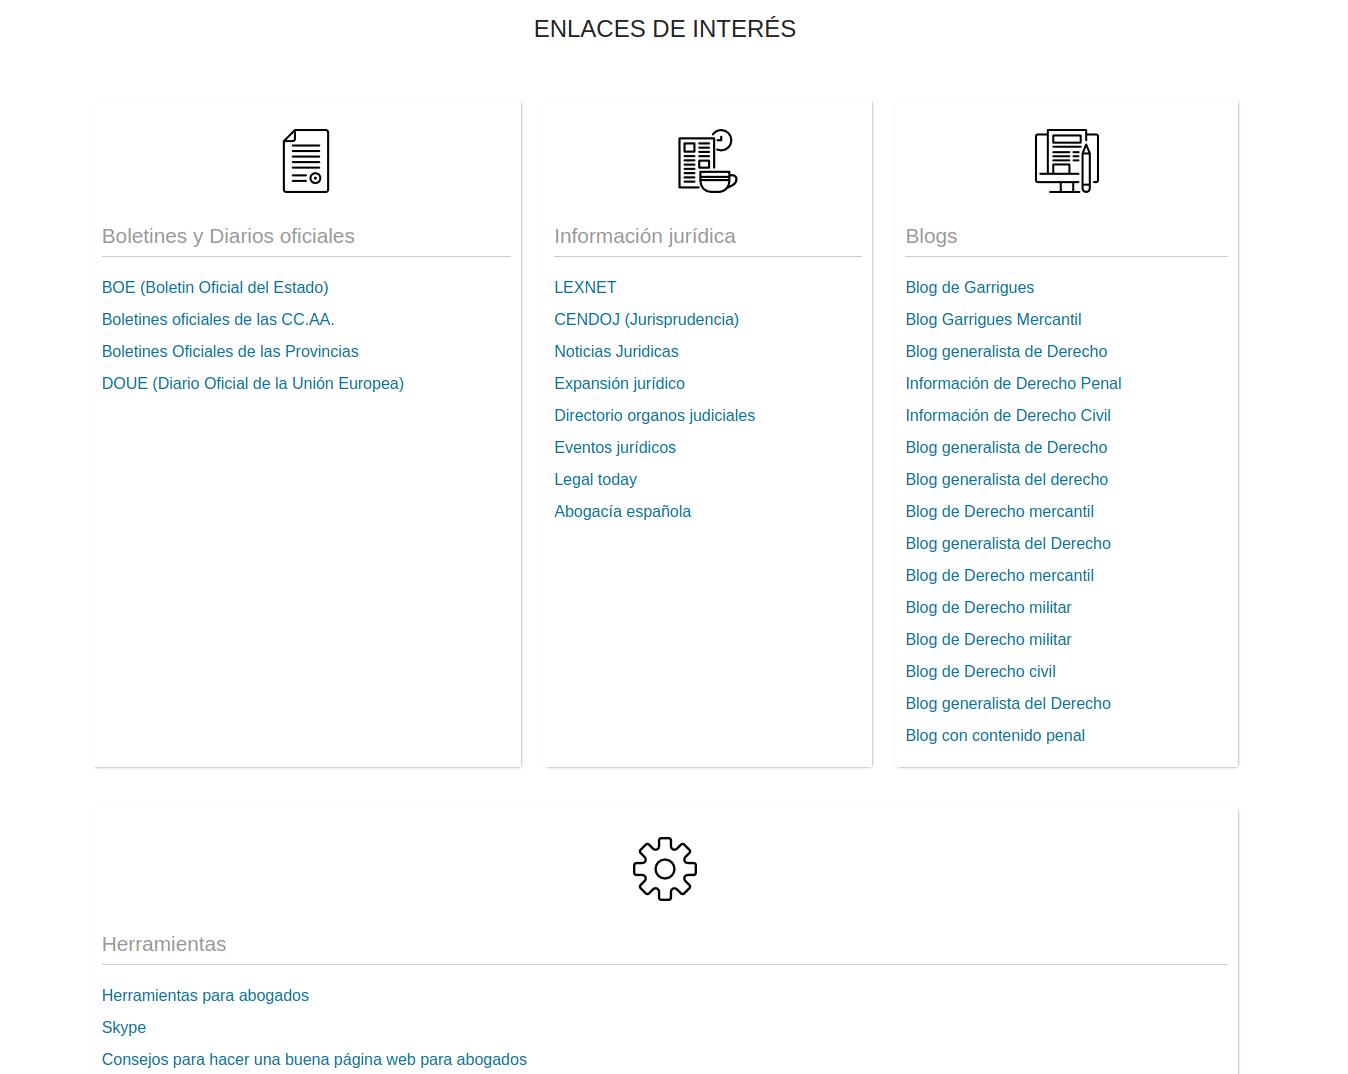 Acceso para los abogados a los enlaces de interés de Abogadium: Diarios Oficiales, información jurídica y blogs.